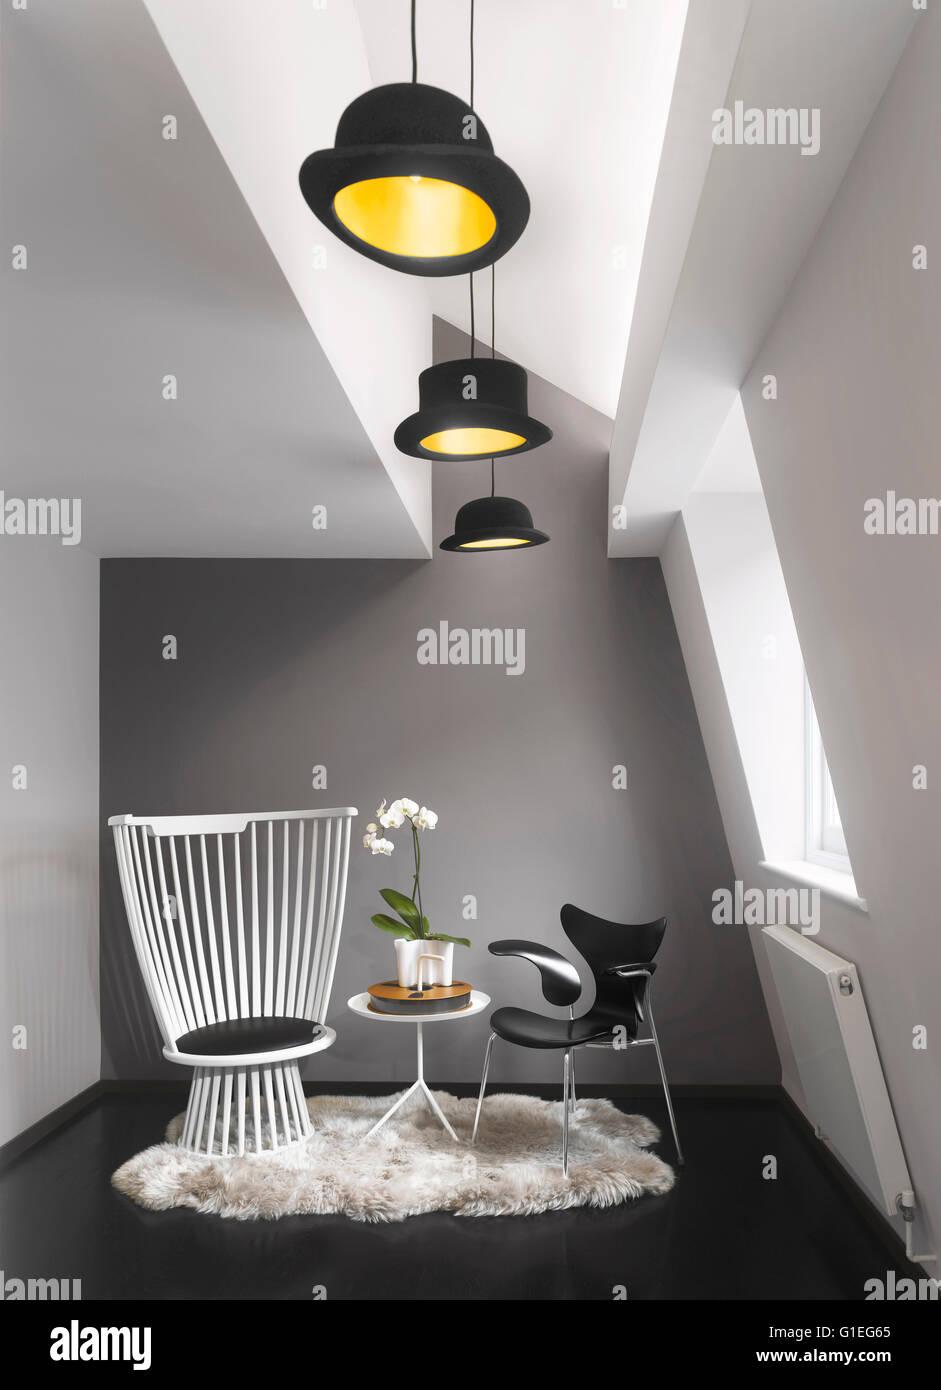 Vestidor en la buhardilla en la parte frontal de la casa. Muebles modernos en un espacio monocromo Imagen De Stock